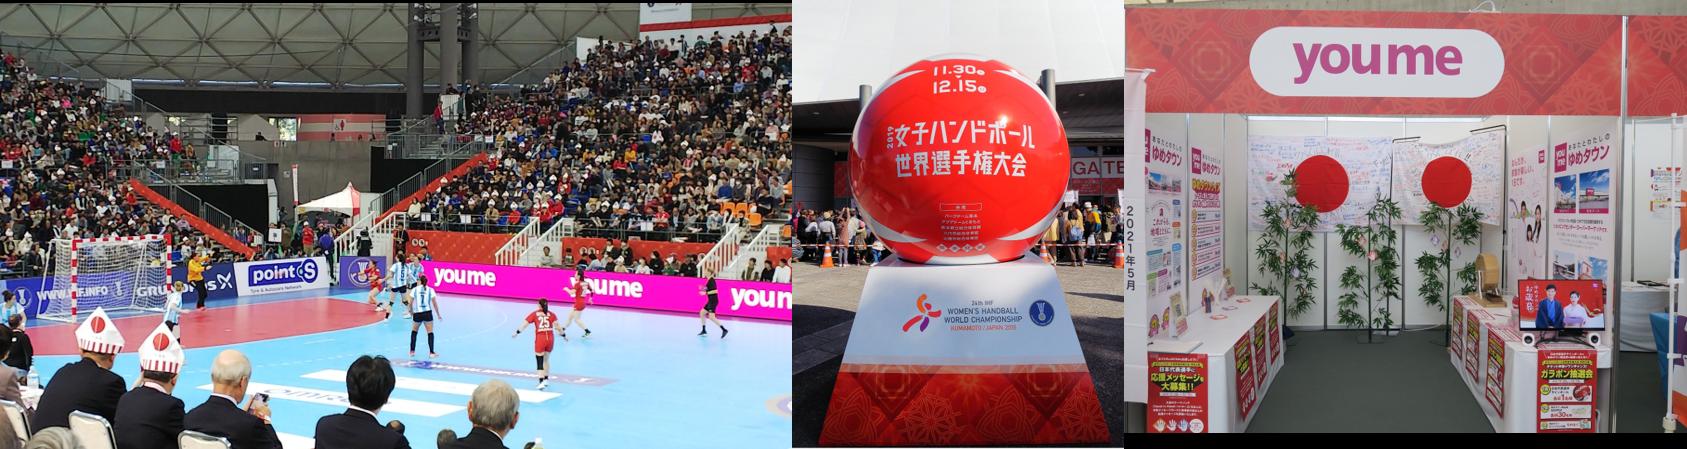 2019女子世界選手権熊本大会開催中! イメージ